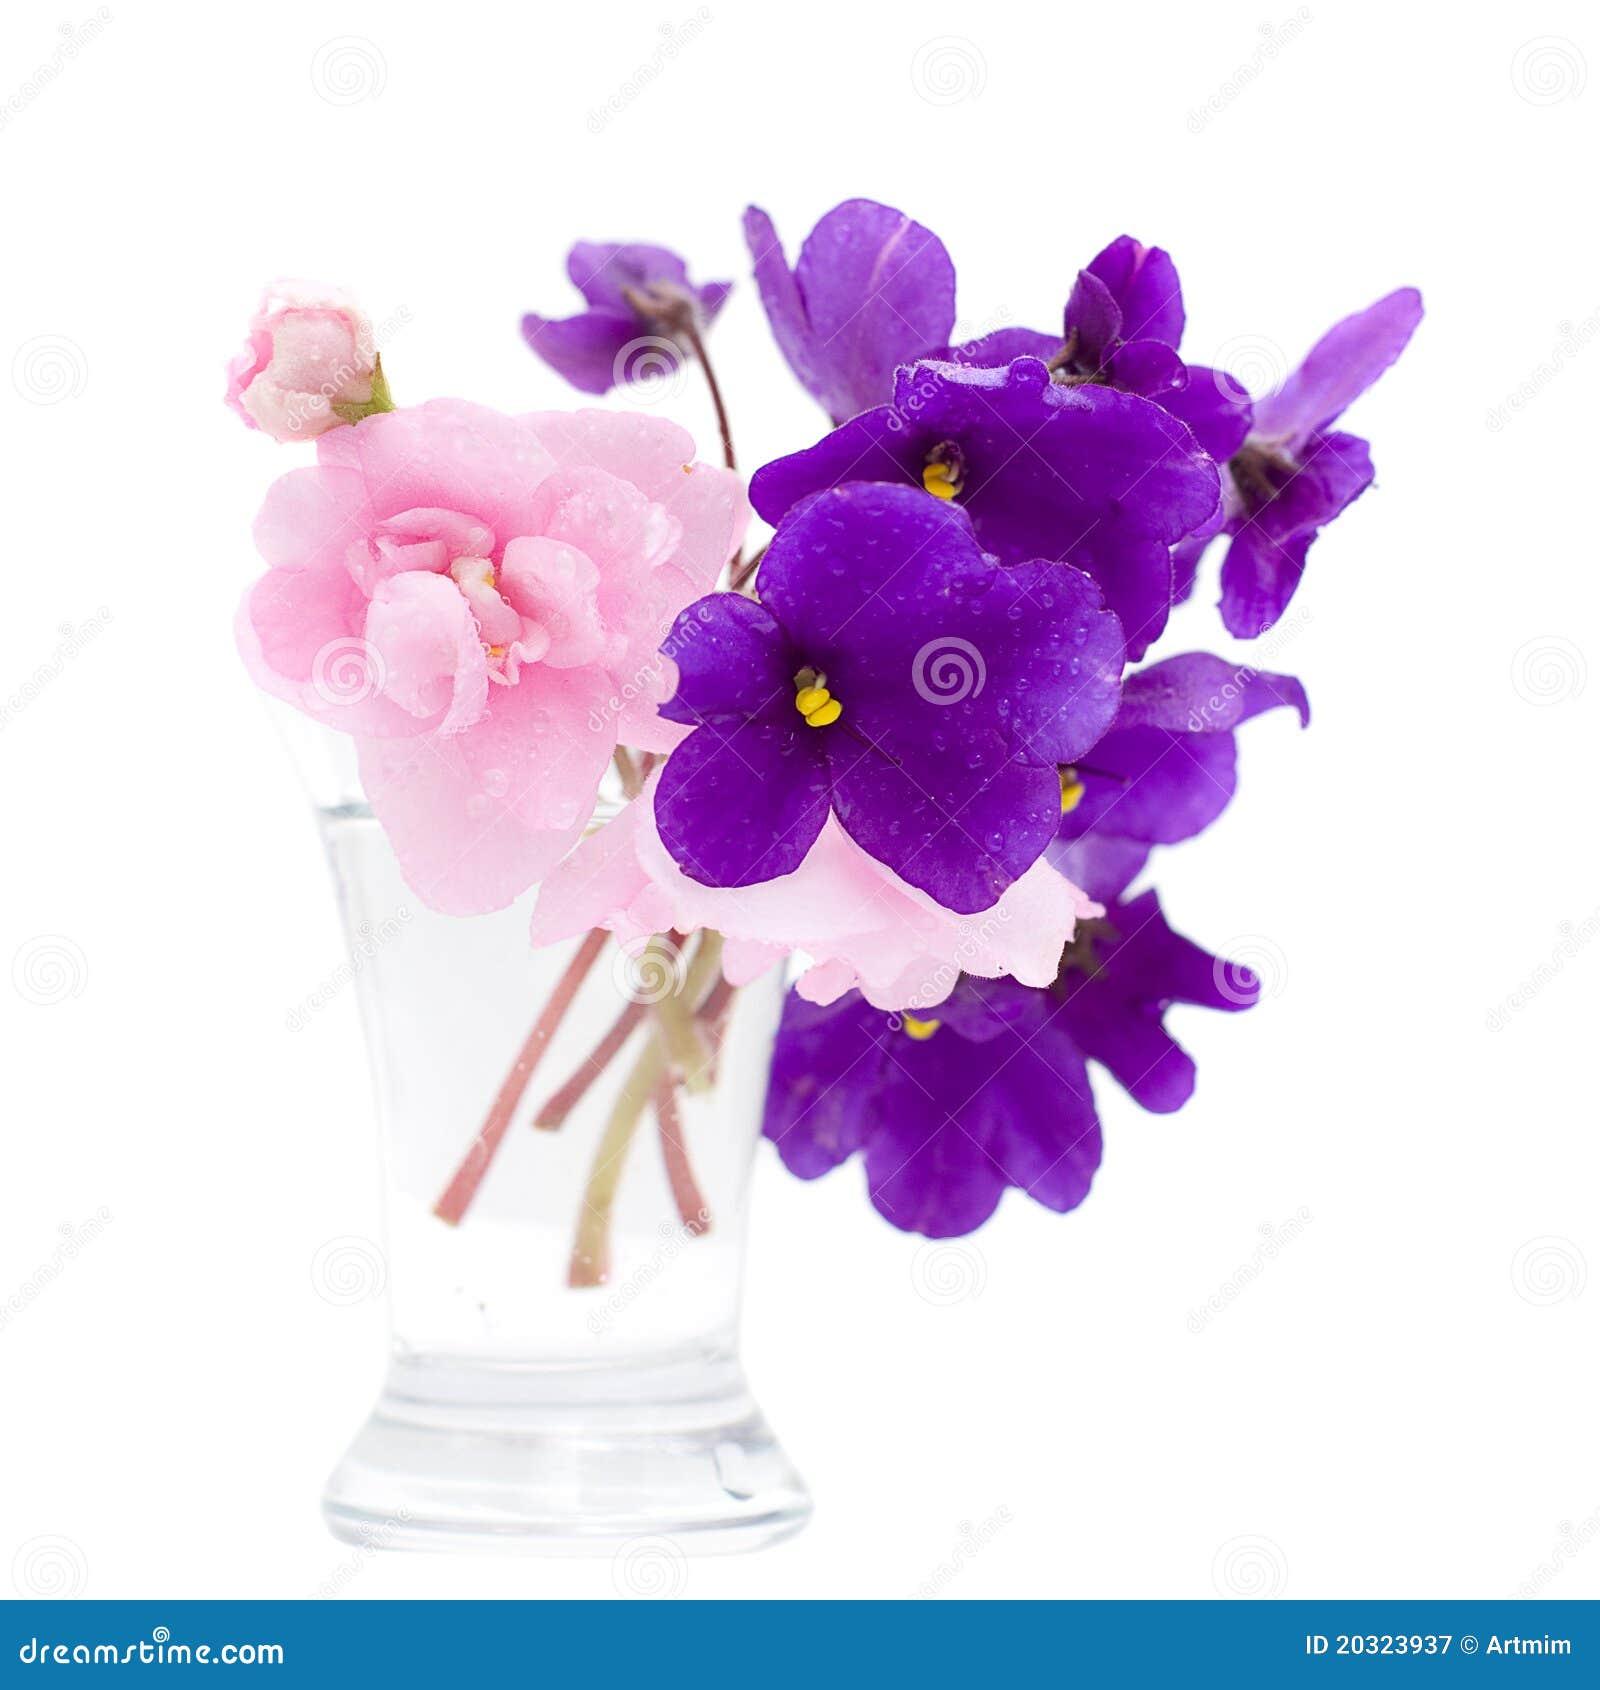 tropische blumen im vase stockbild bild von hintergrund 20323937. Black Bedroom Furniture Sets. Home Design Ideas